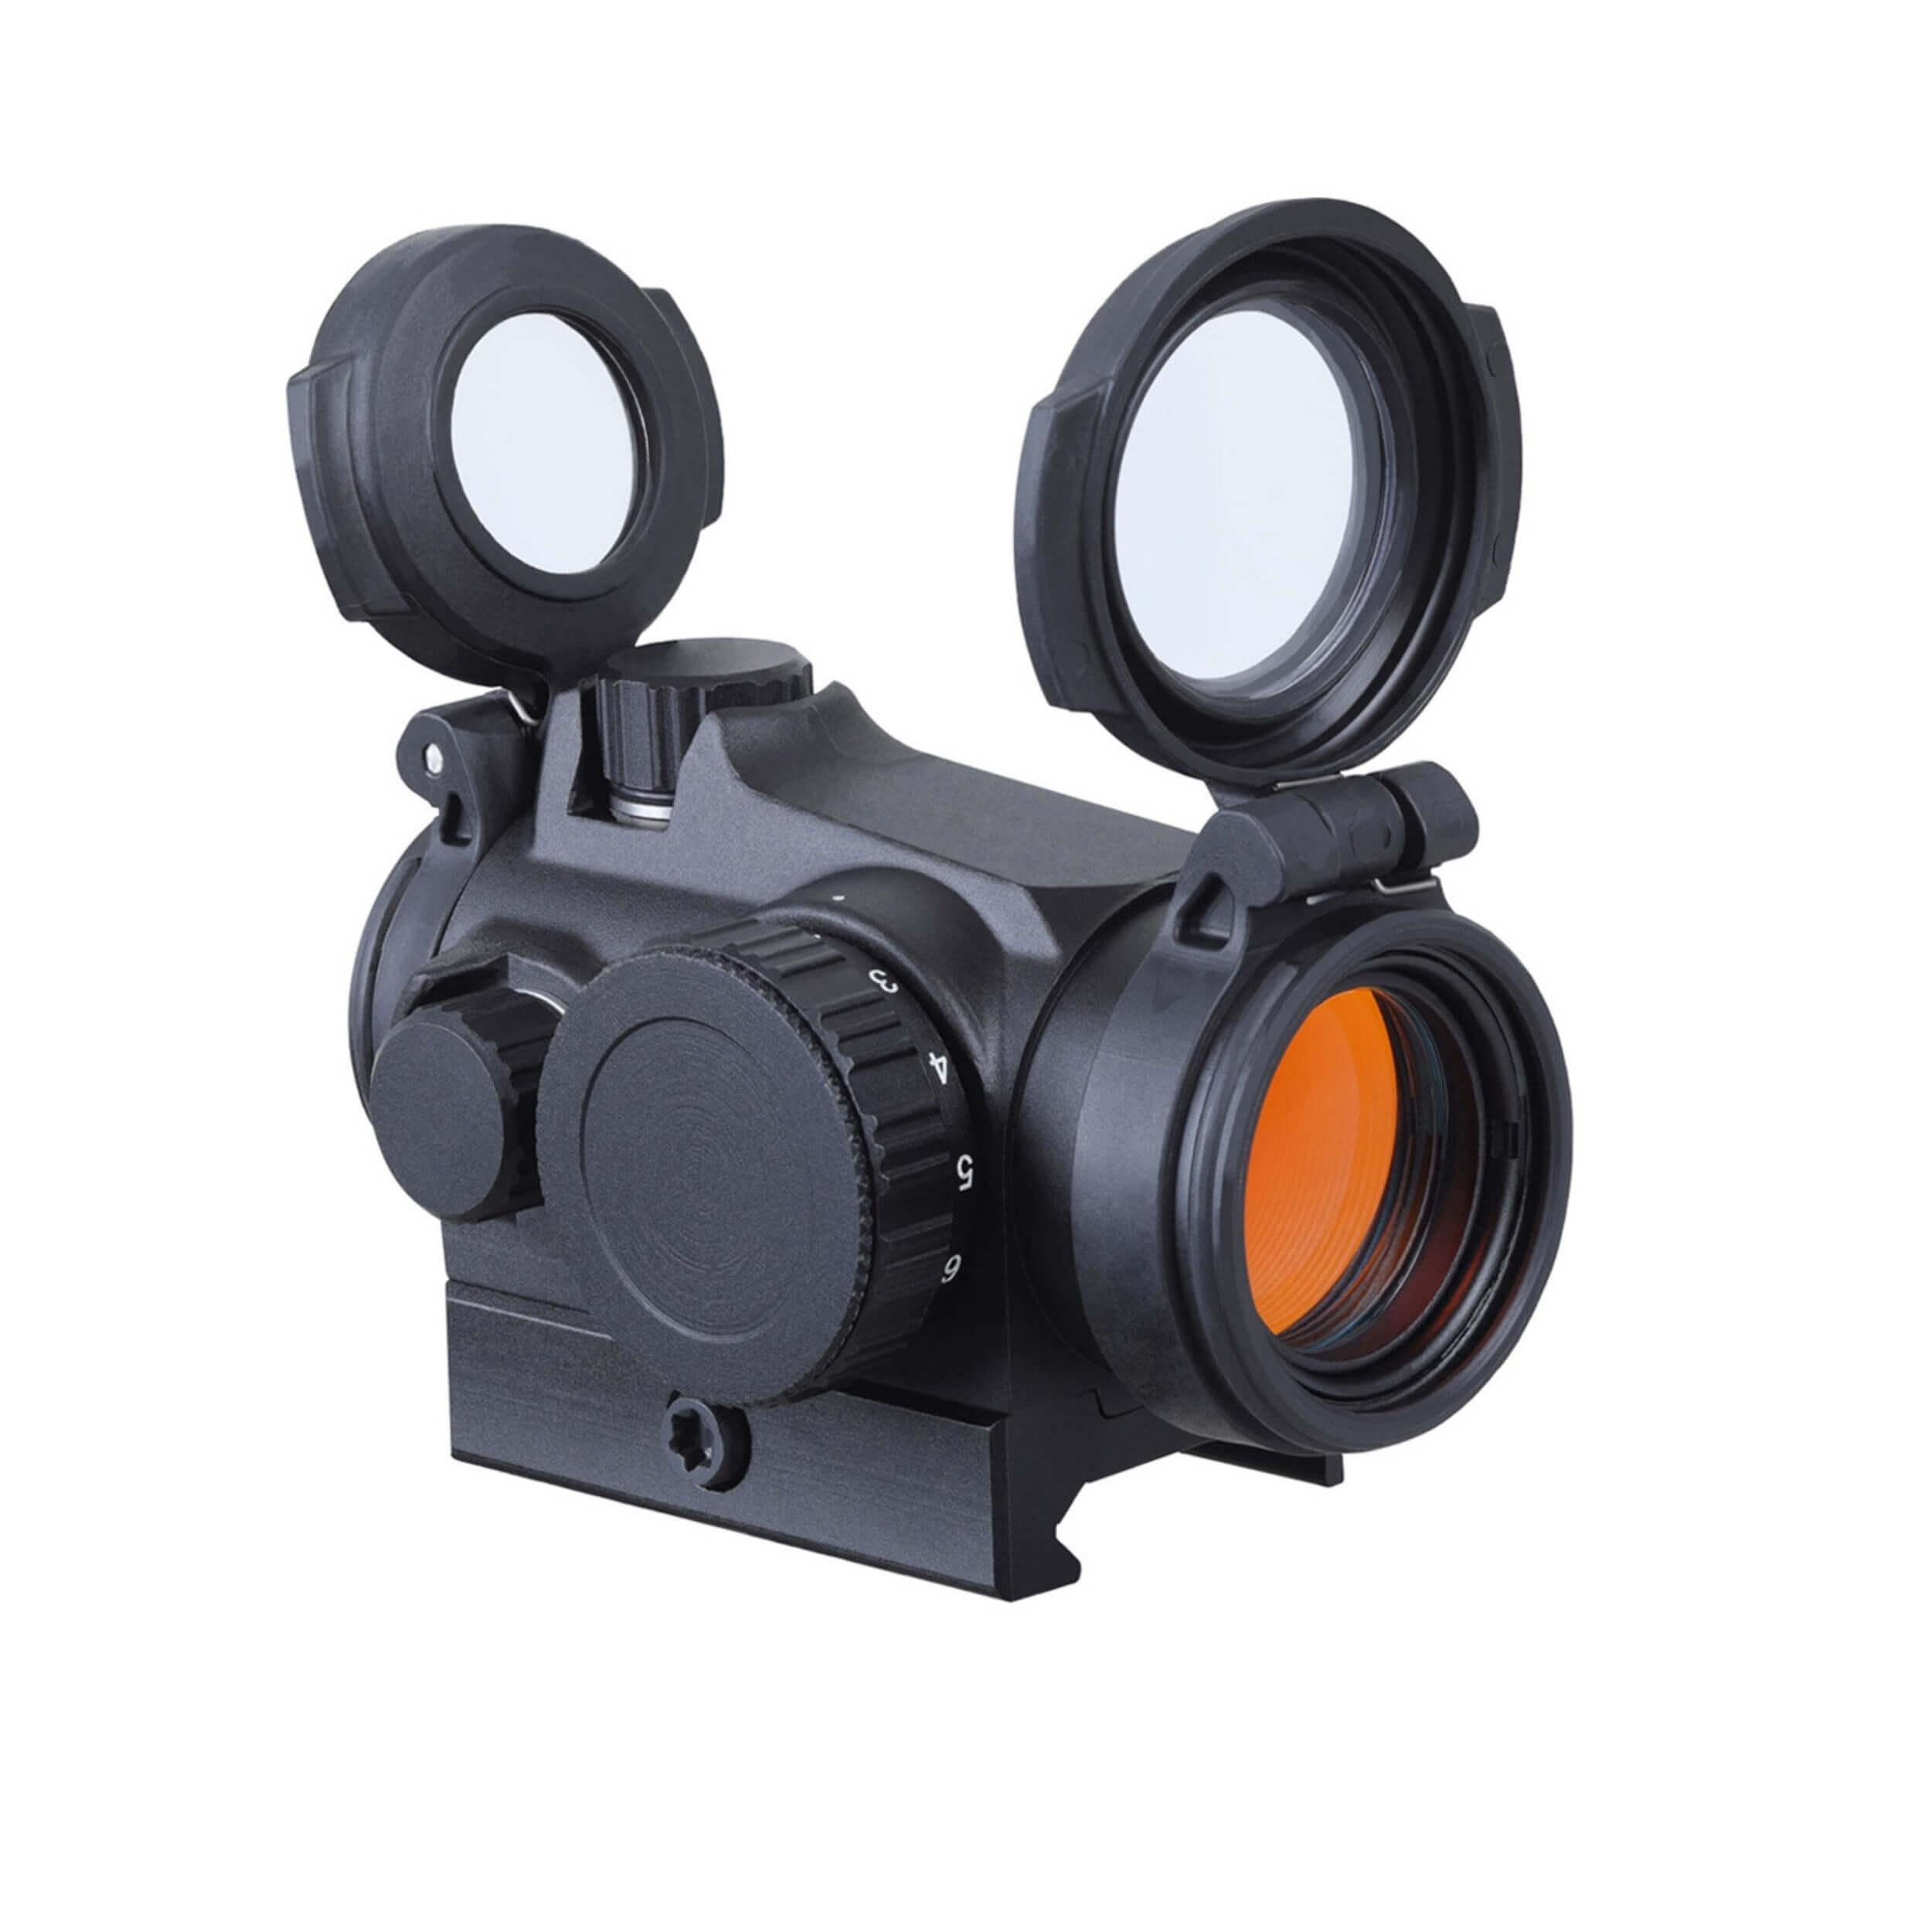 Geco Red Dot 1x20 Gen II red dot sight